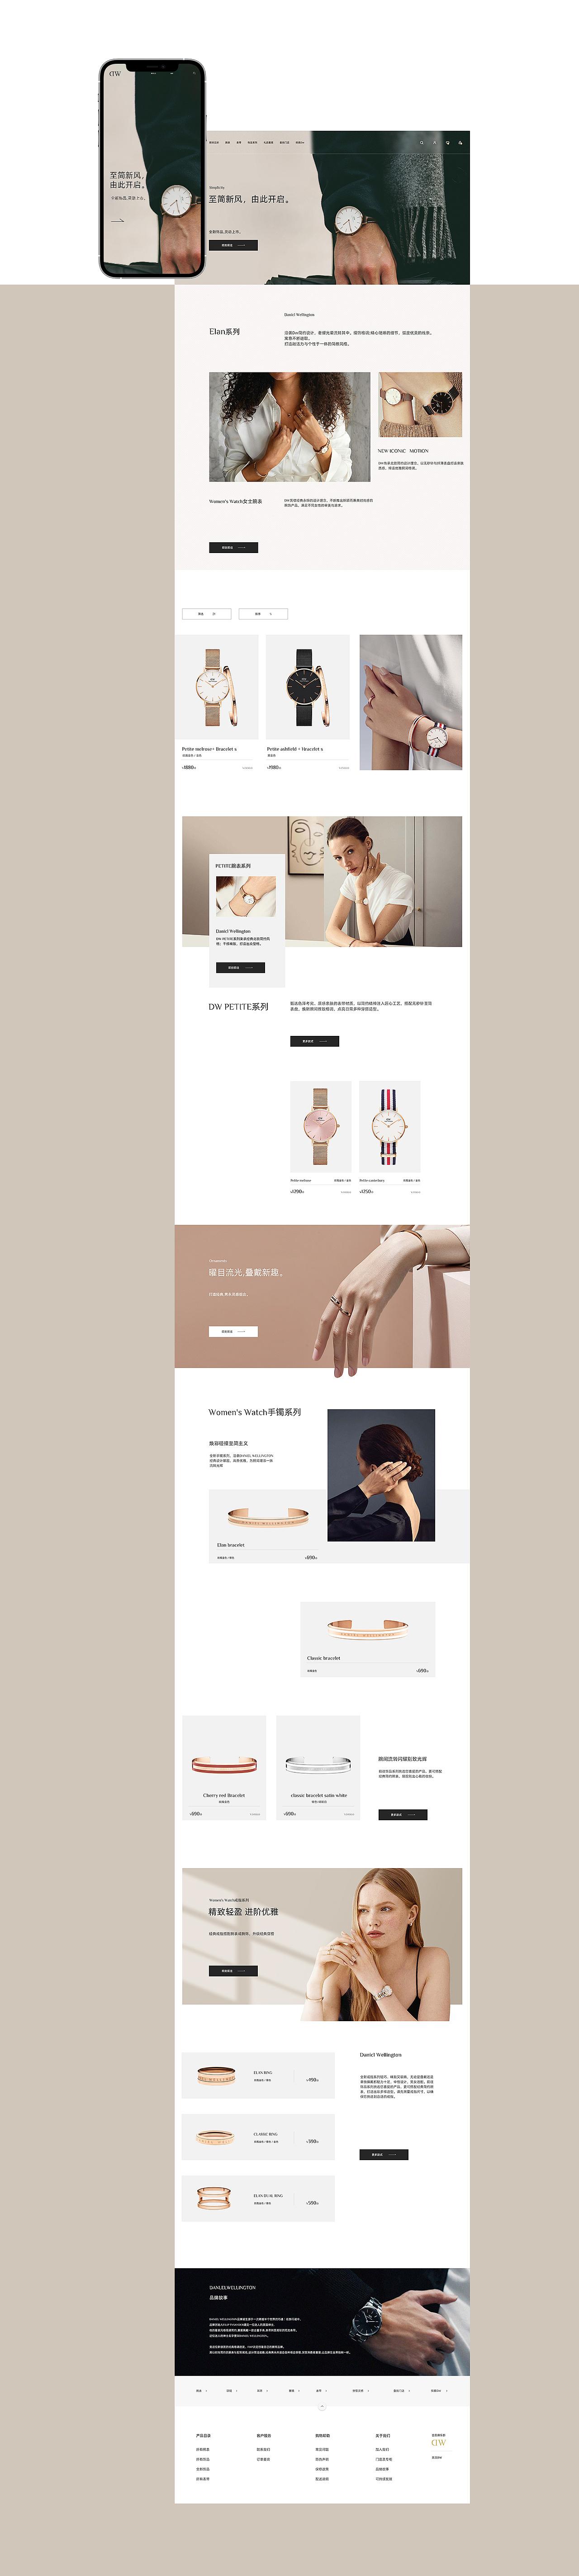 2021年·网页设计第二弹·DW手表页面